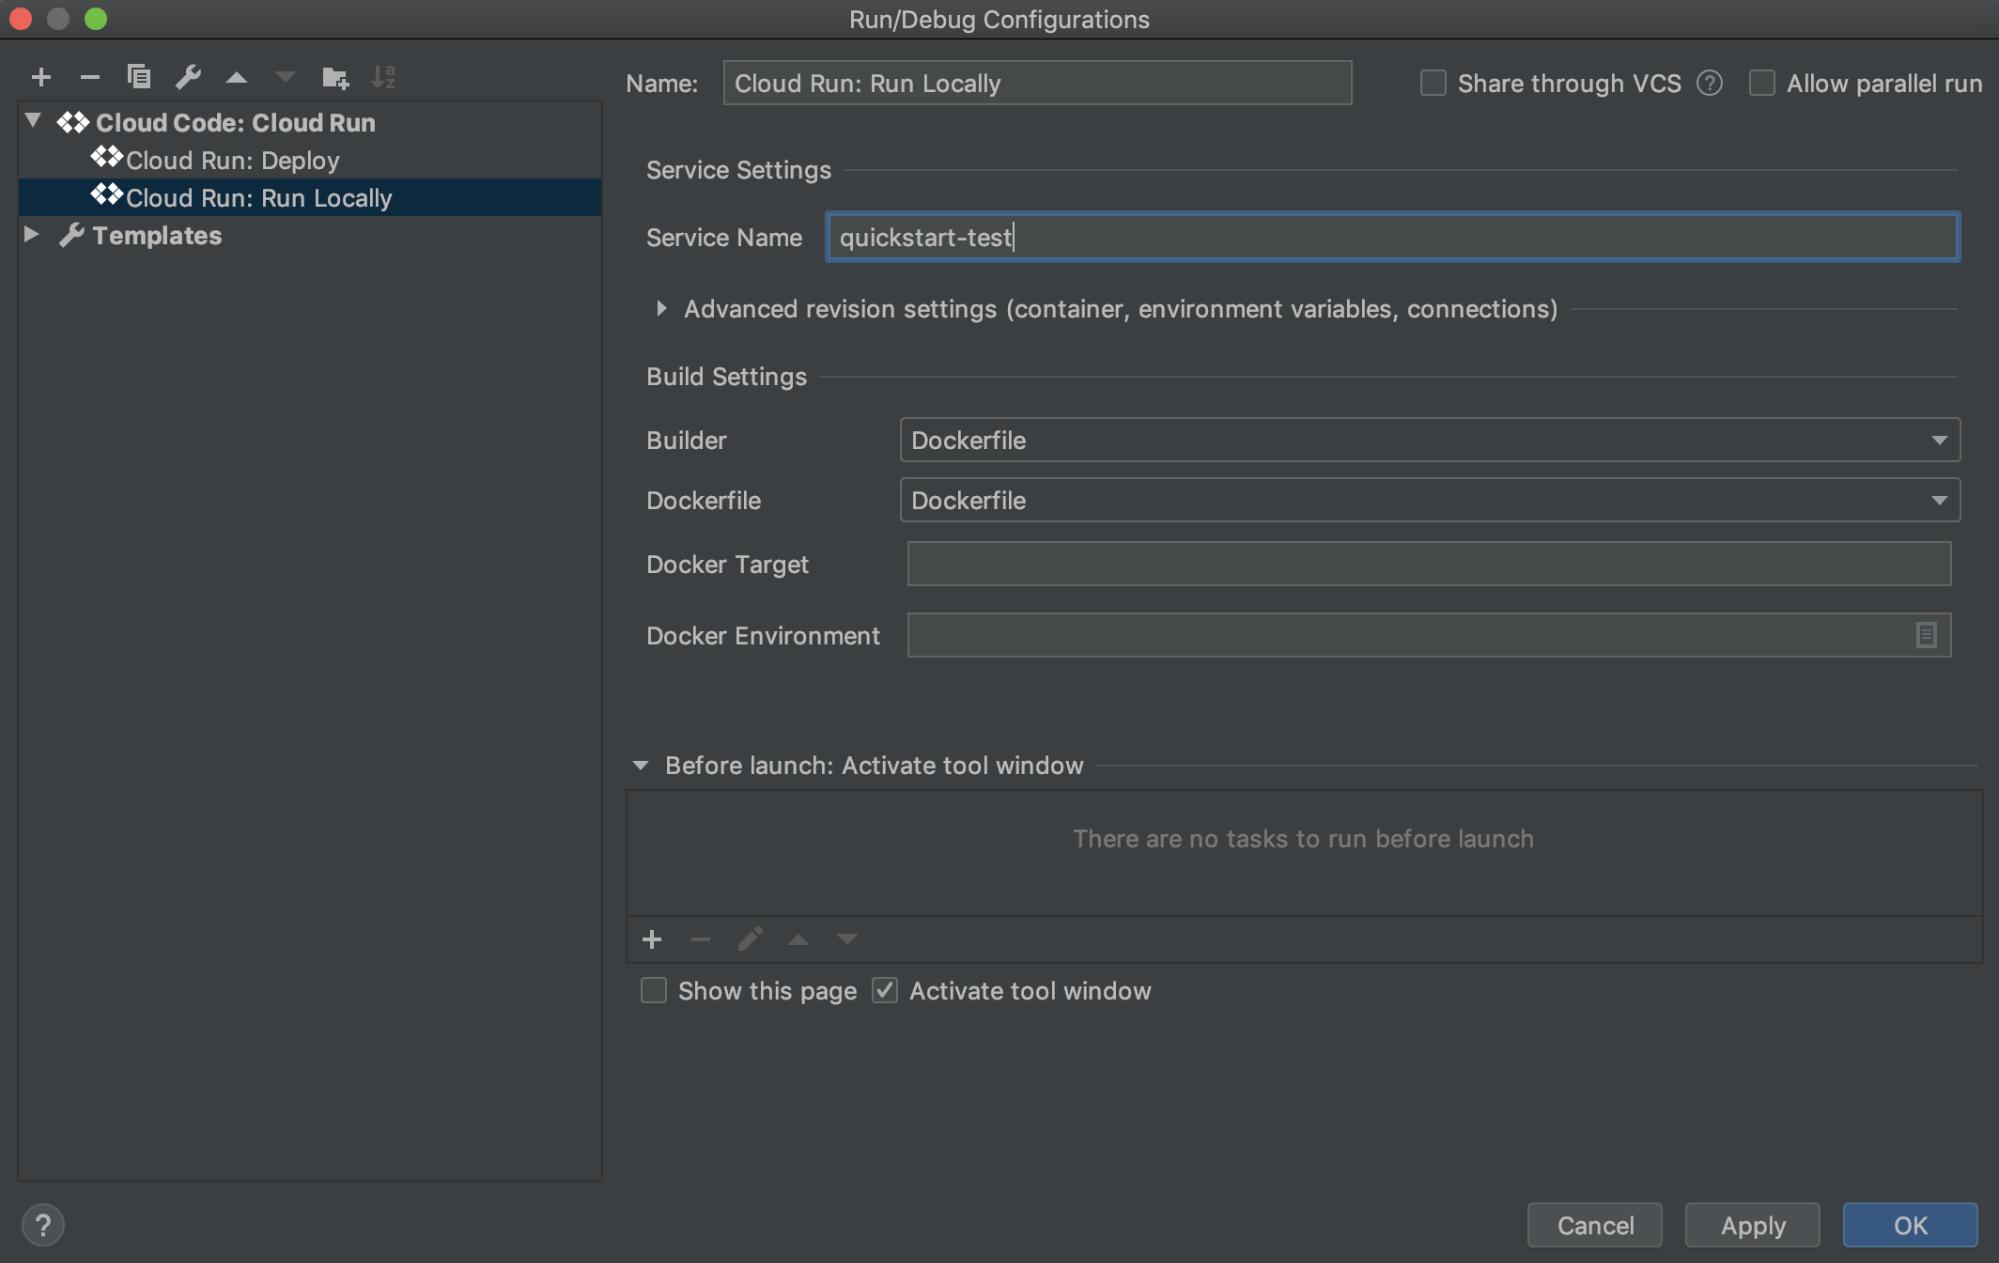 Ventana de configuración de CloudRun: Run locally